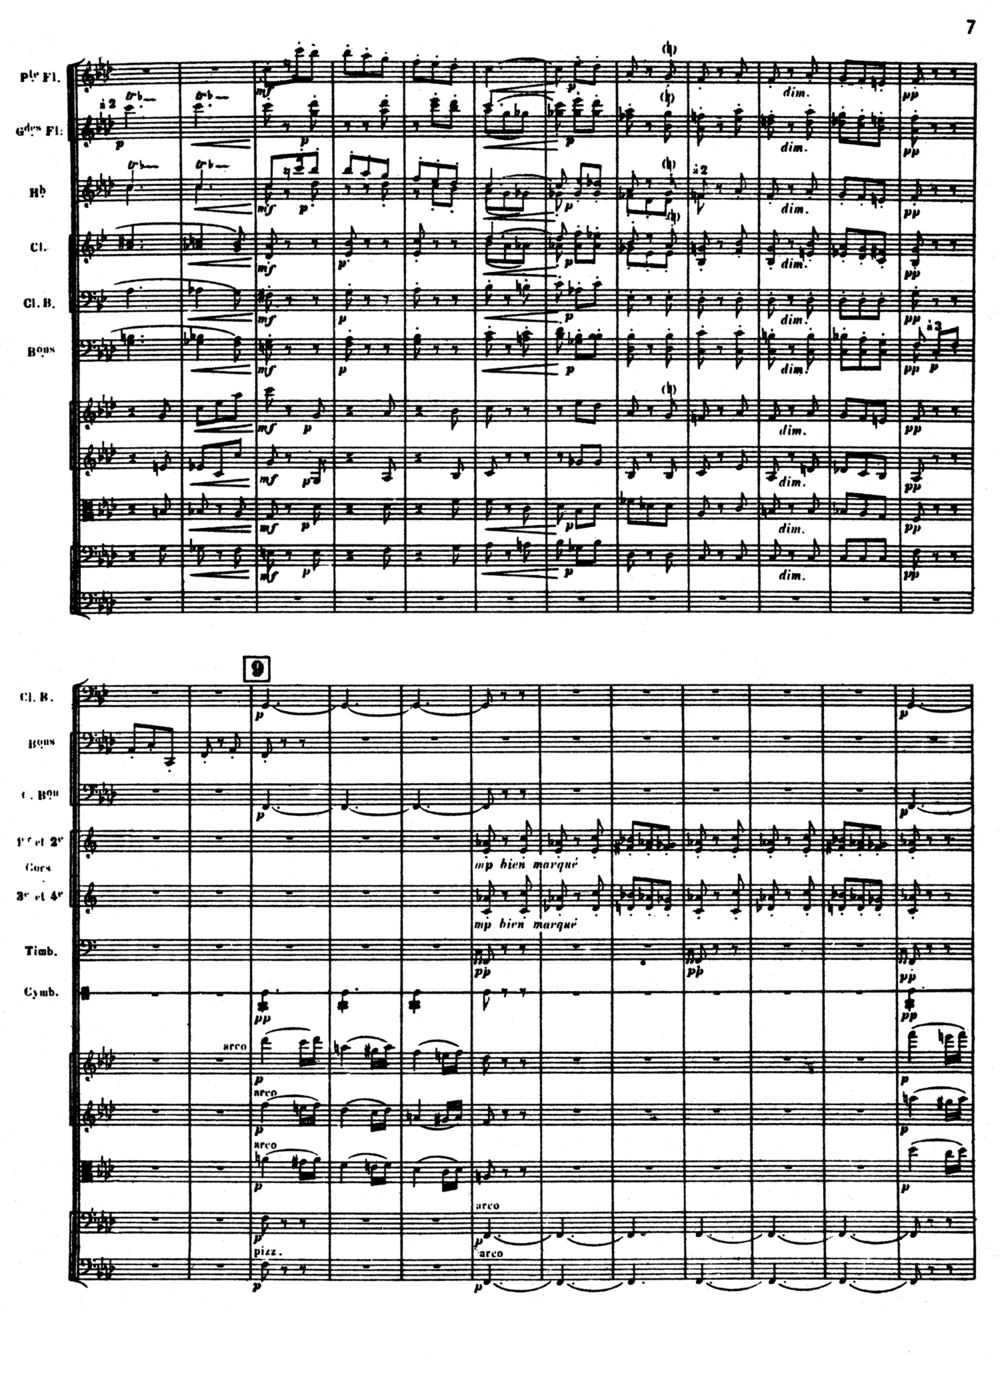 Dukas Score 3.jpg